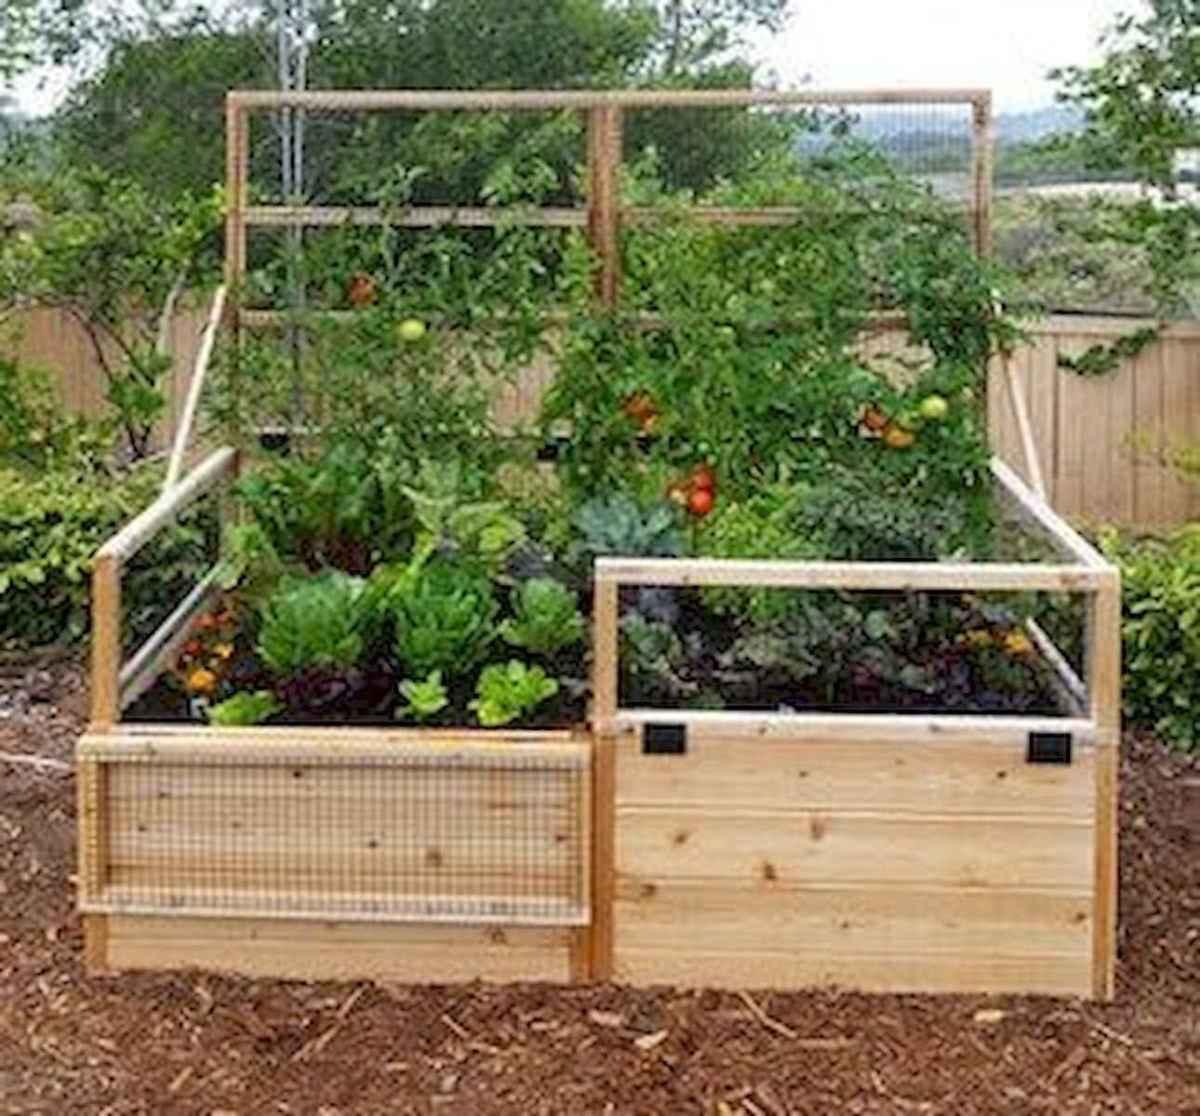 50 Best Garden Beds Design Ideas For Summer (14)